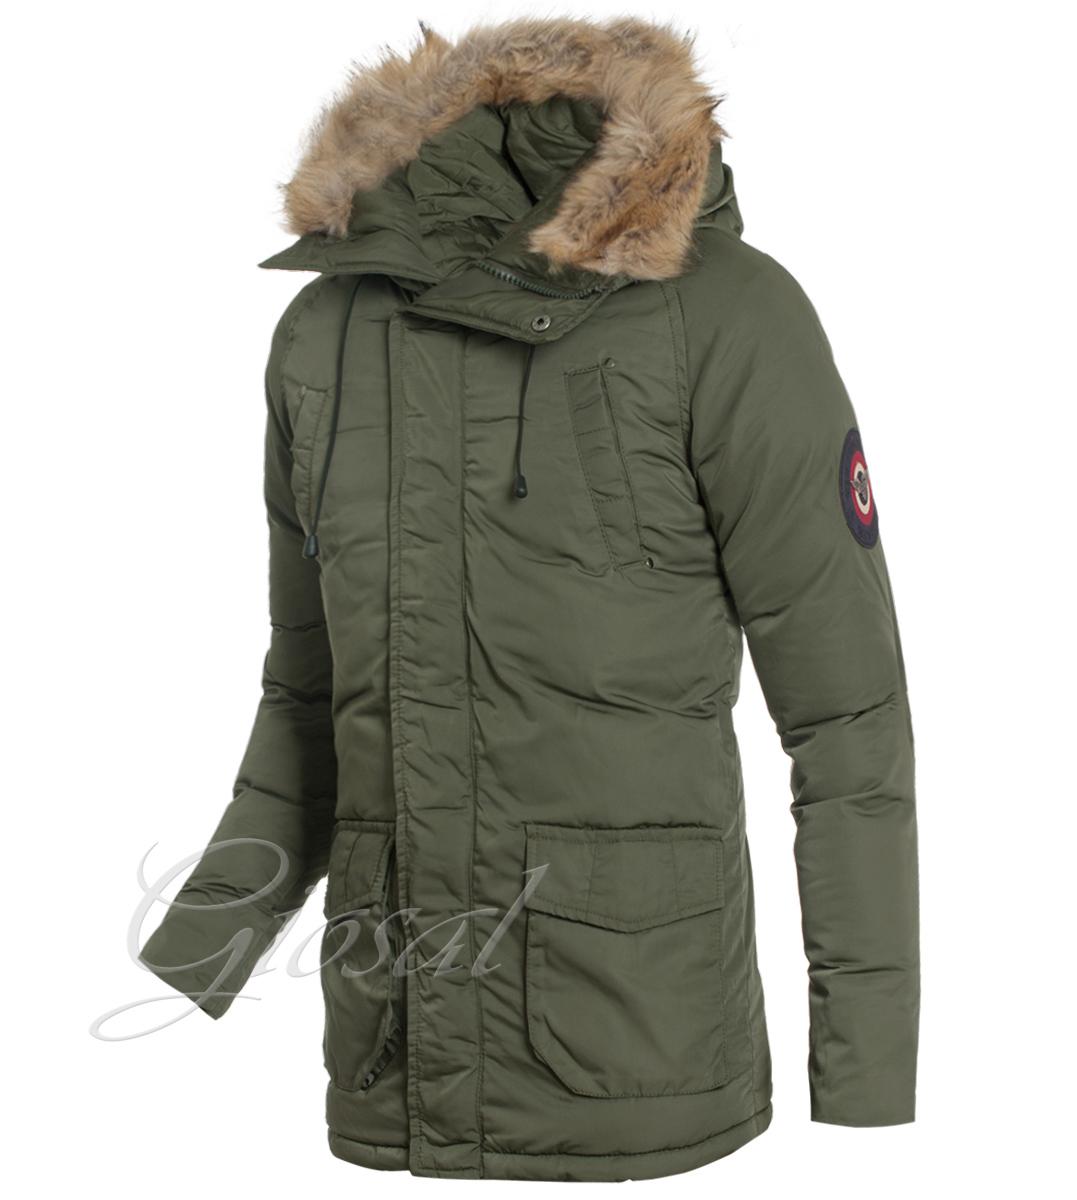 new product 324bc 023d1 Details zu Jacke Herren Grün Jacke Parka Taschen Gepolstert Abzugshaube  Pelz Winter Giosal